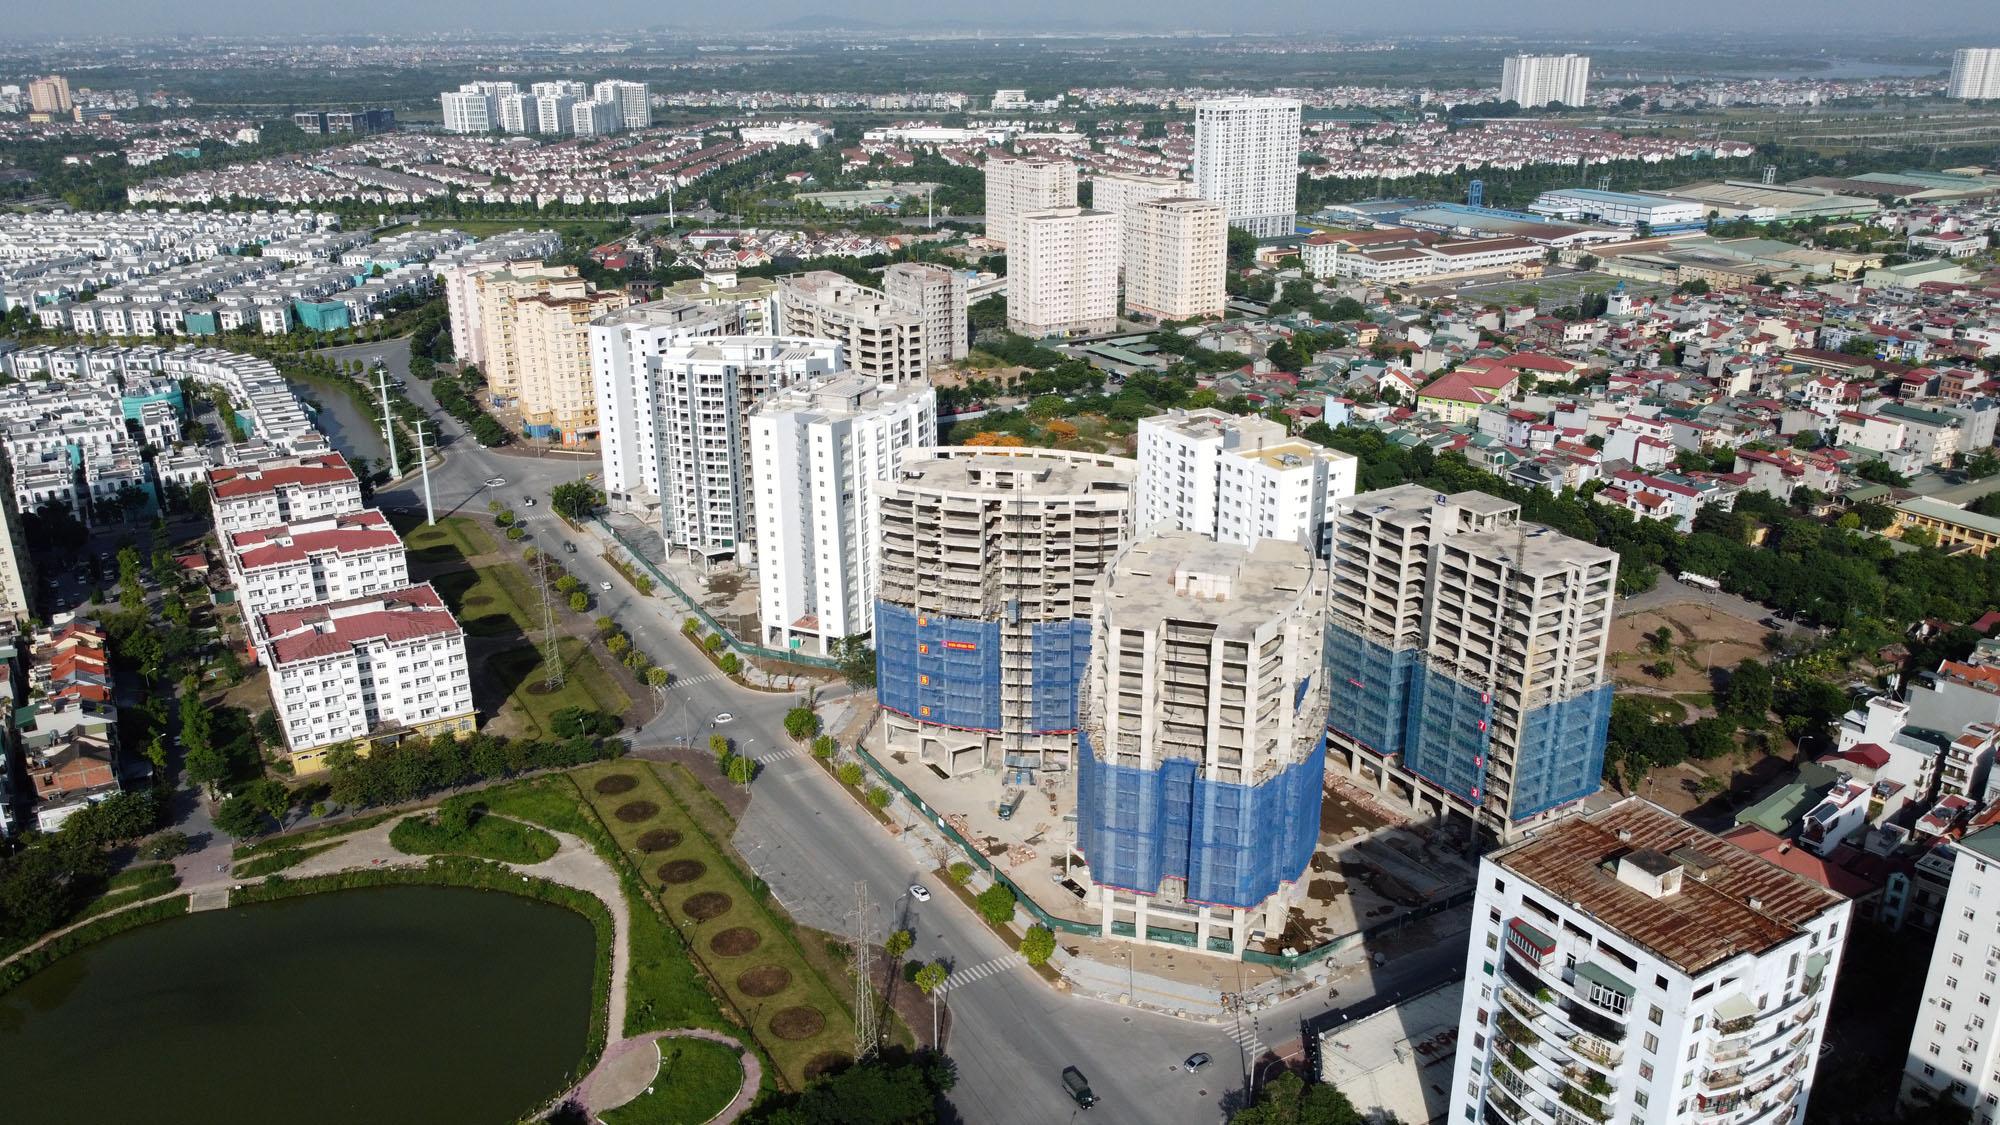 Vùng ven Hà Nội xuất hiện dự án chung cư giá bán 50 - 60 triệu đồng/m2 - Ảnh 1.